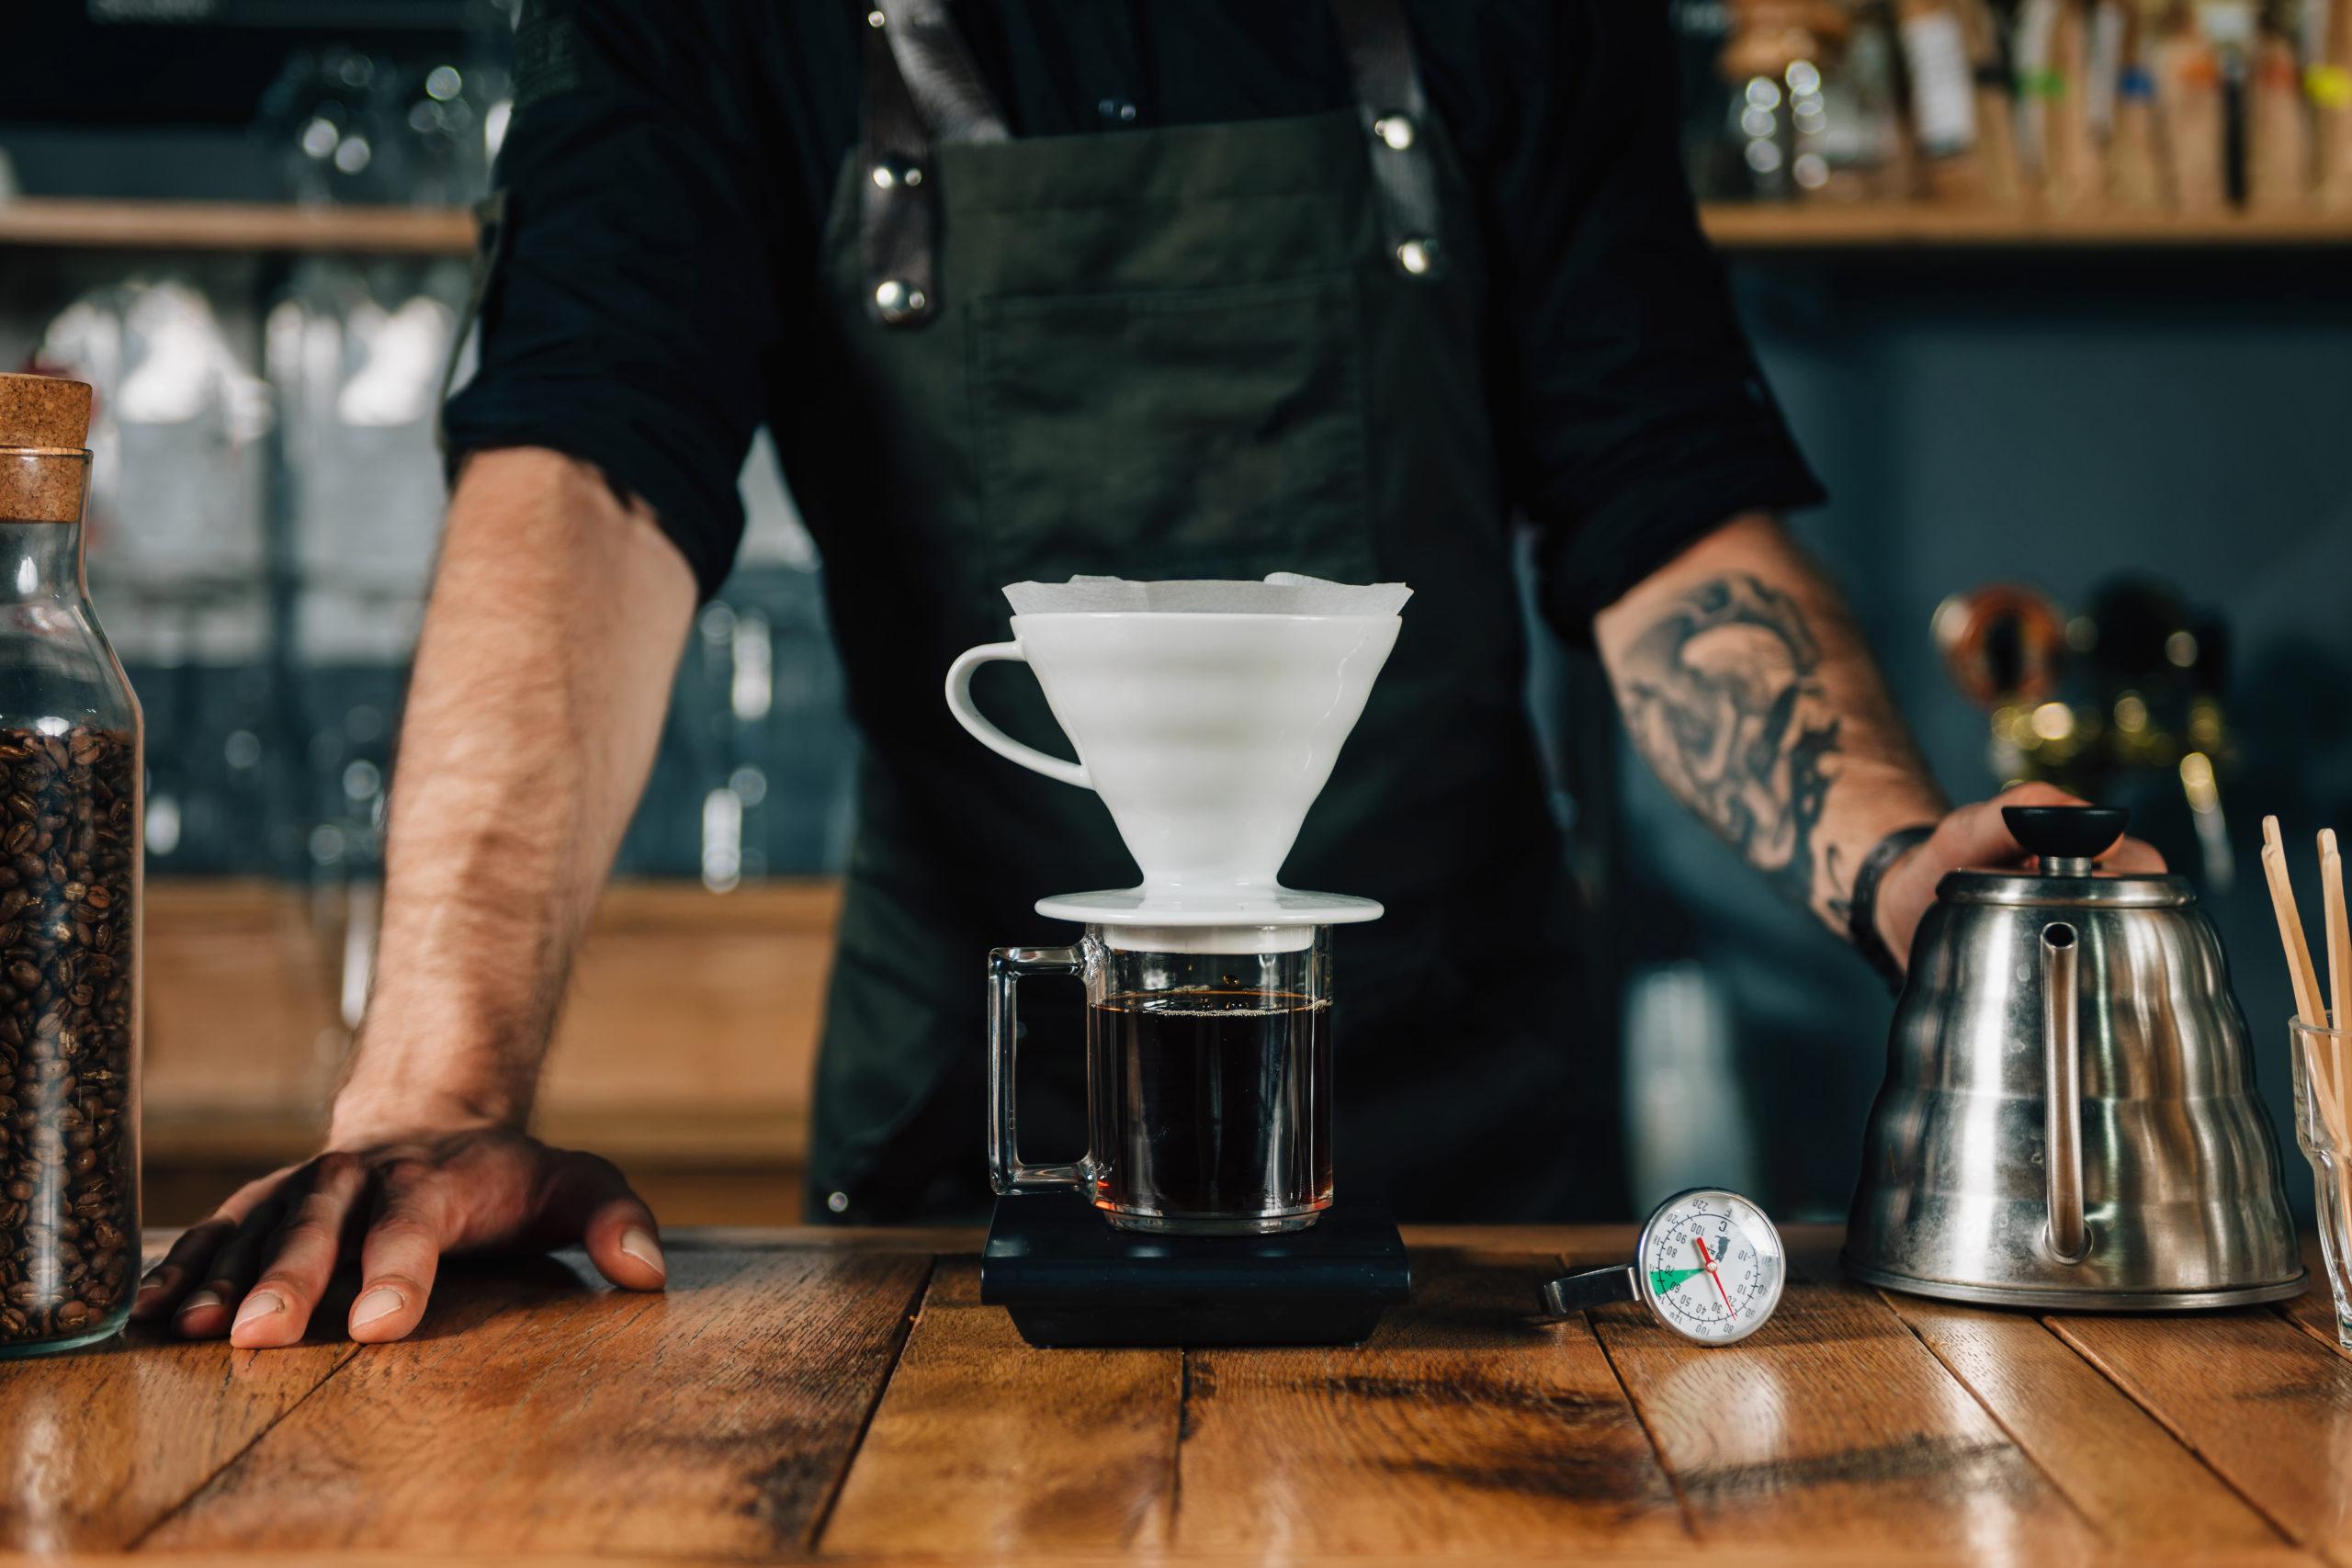 Filterkaffee: Ein Mann brüht Kaffee mit einem Filter auf, Daneben steht eine Kanne und liegt ein Thermometer.